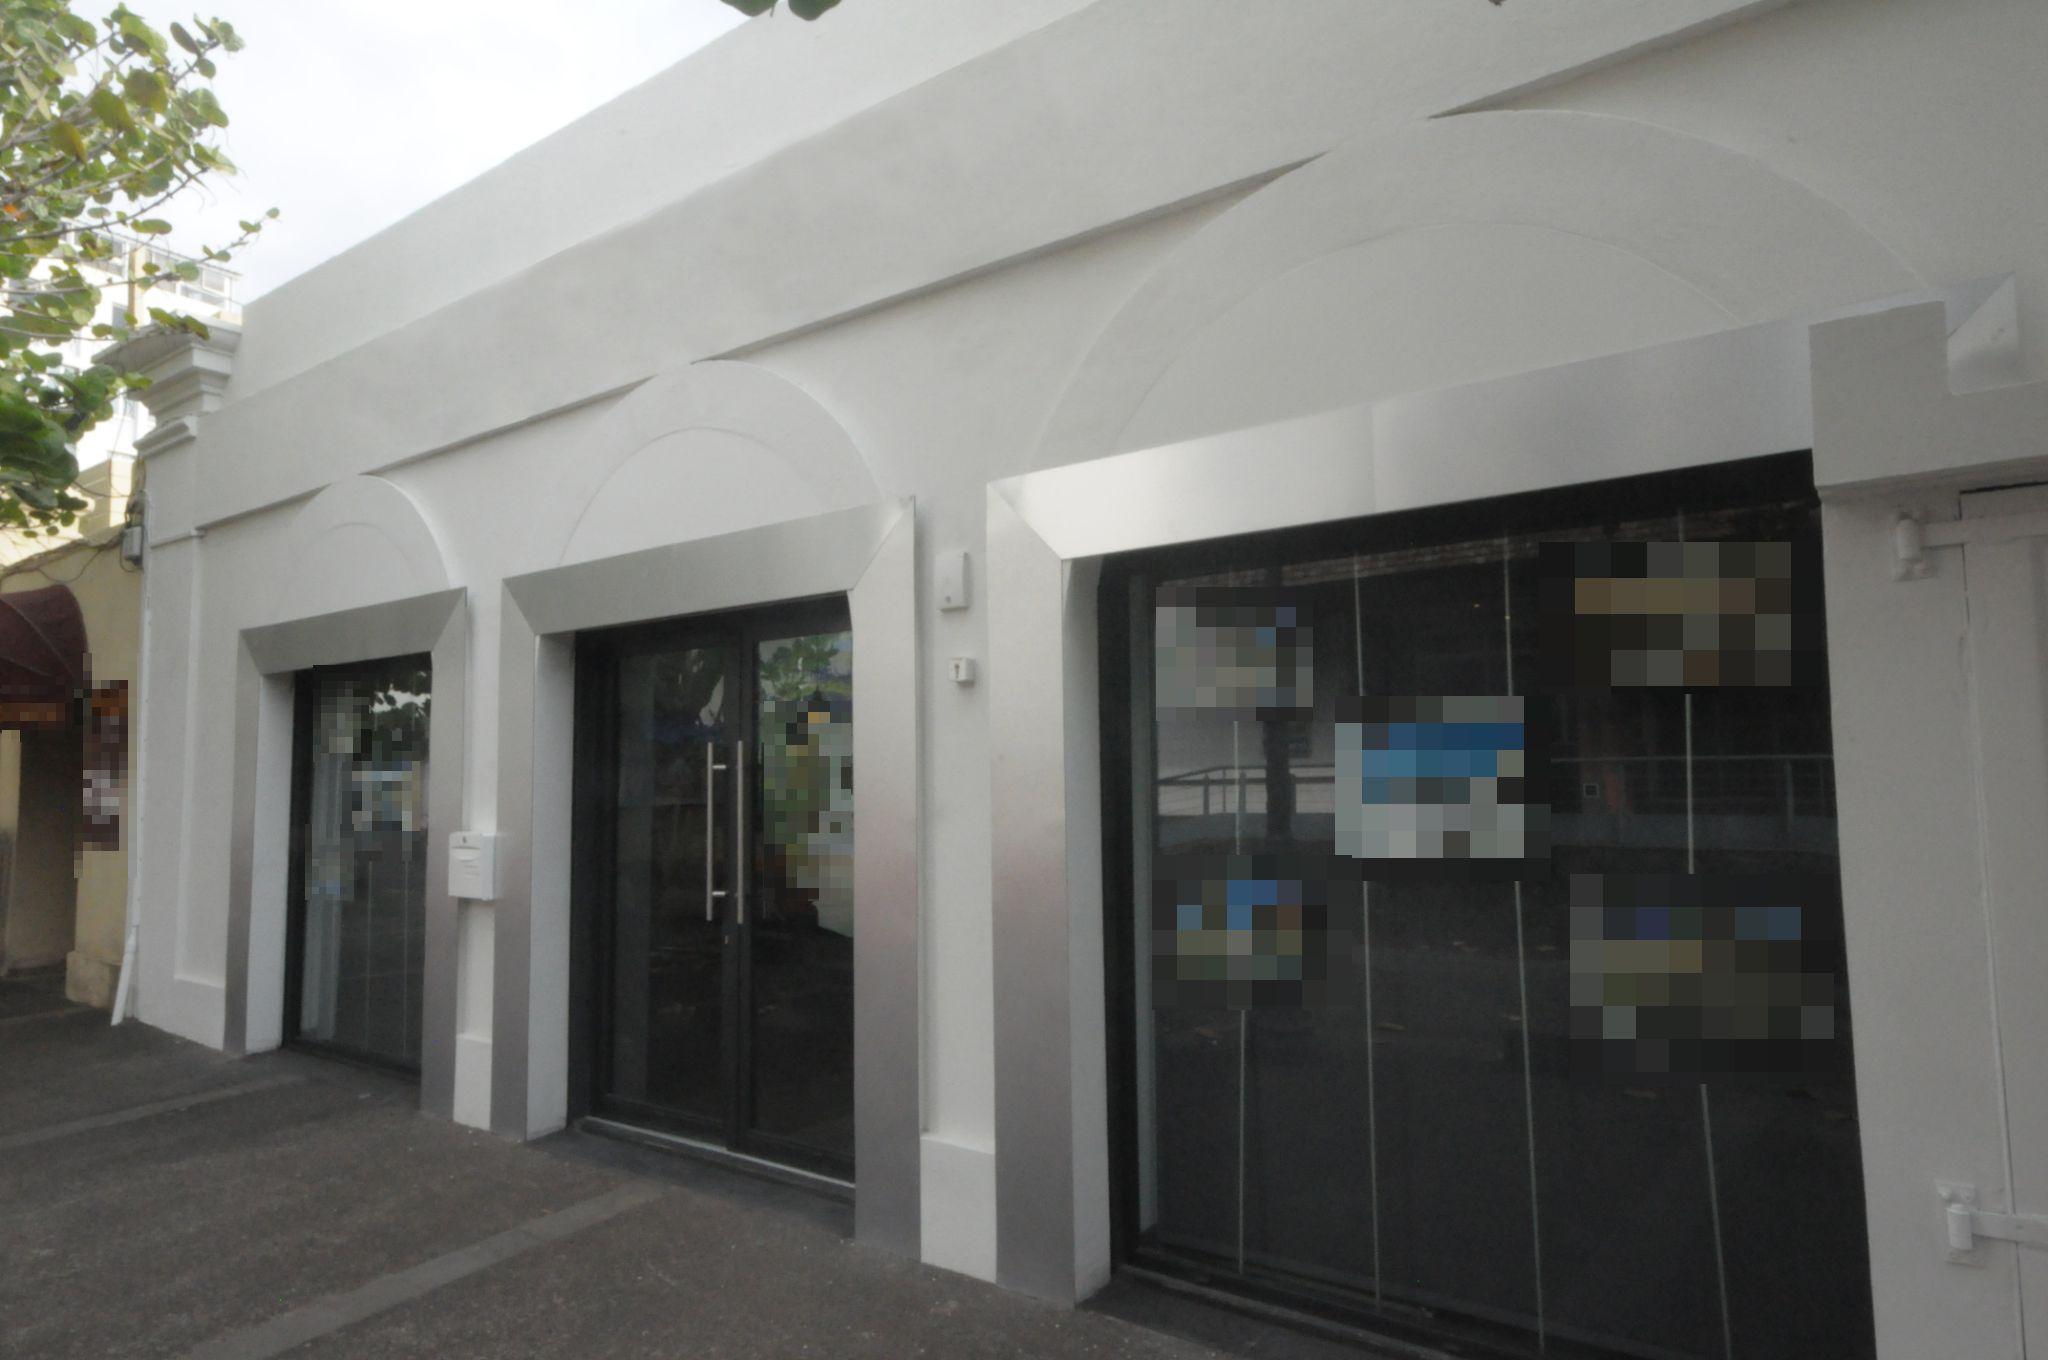 Vente Agence immobilière, 30 m2 à Saint-Denis dans une zone passante et recherchée (11310) en France